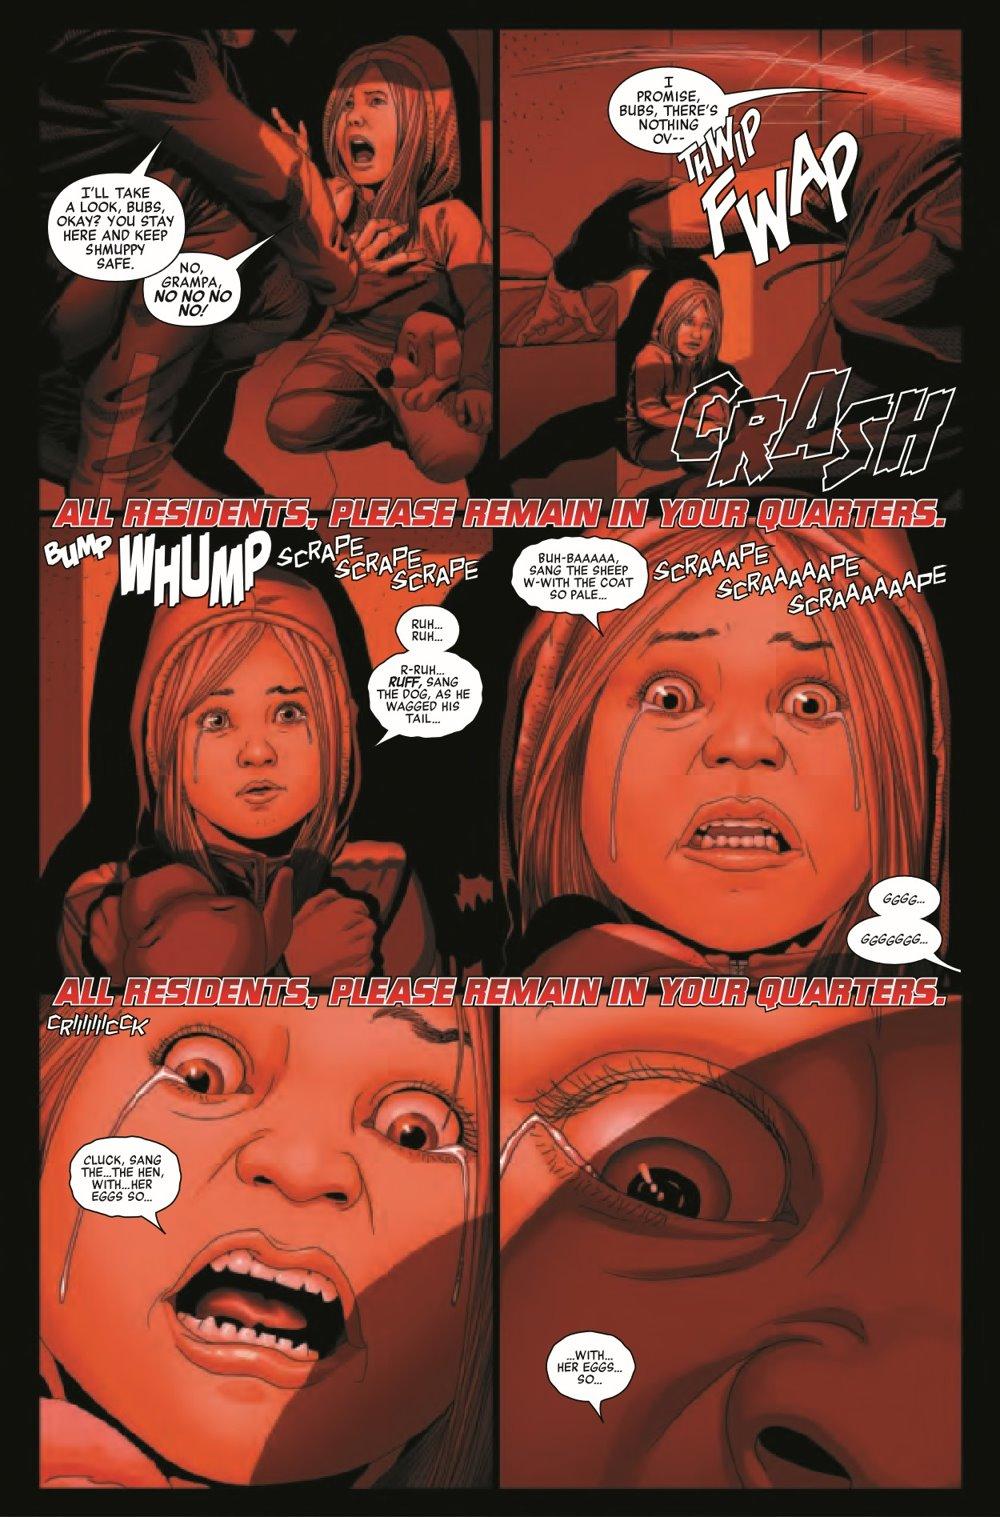 ALIEN2021002_Preview-5 ComicList Previews: ALIEN #2